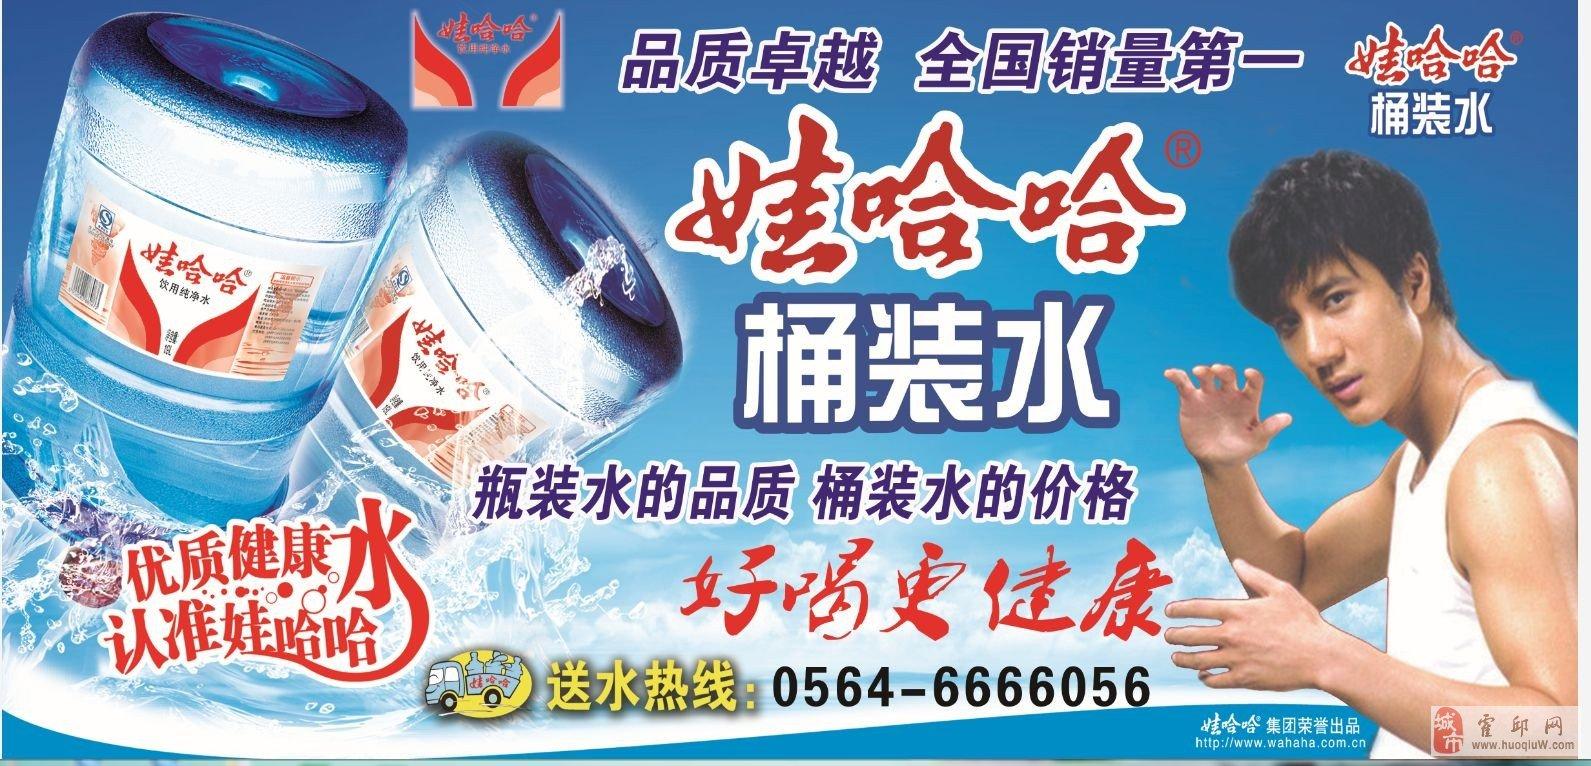 娃哈哈桶装水强势进驻霍邱!送水热线:6666056